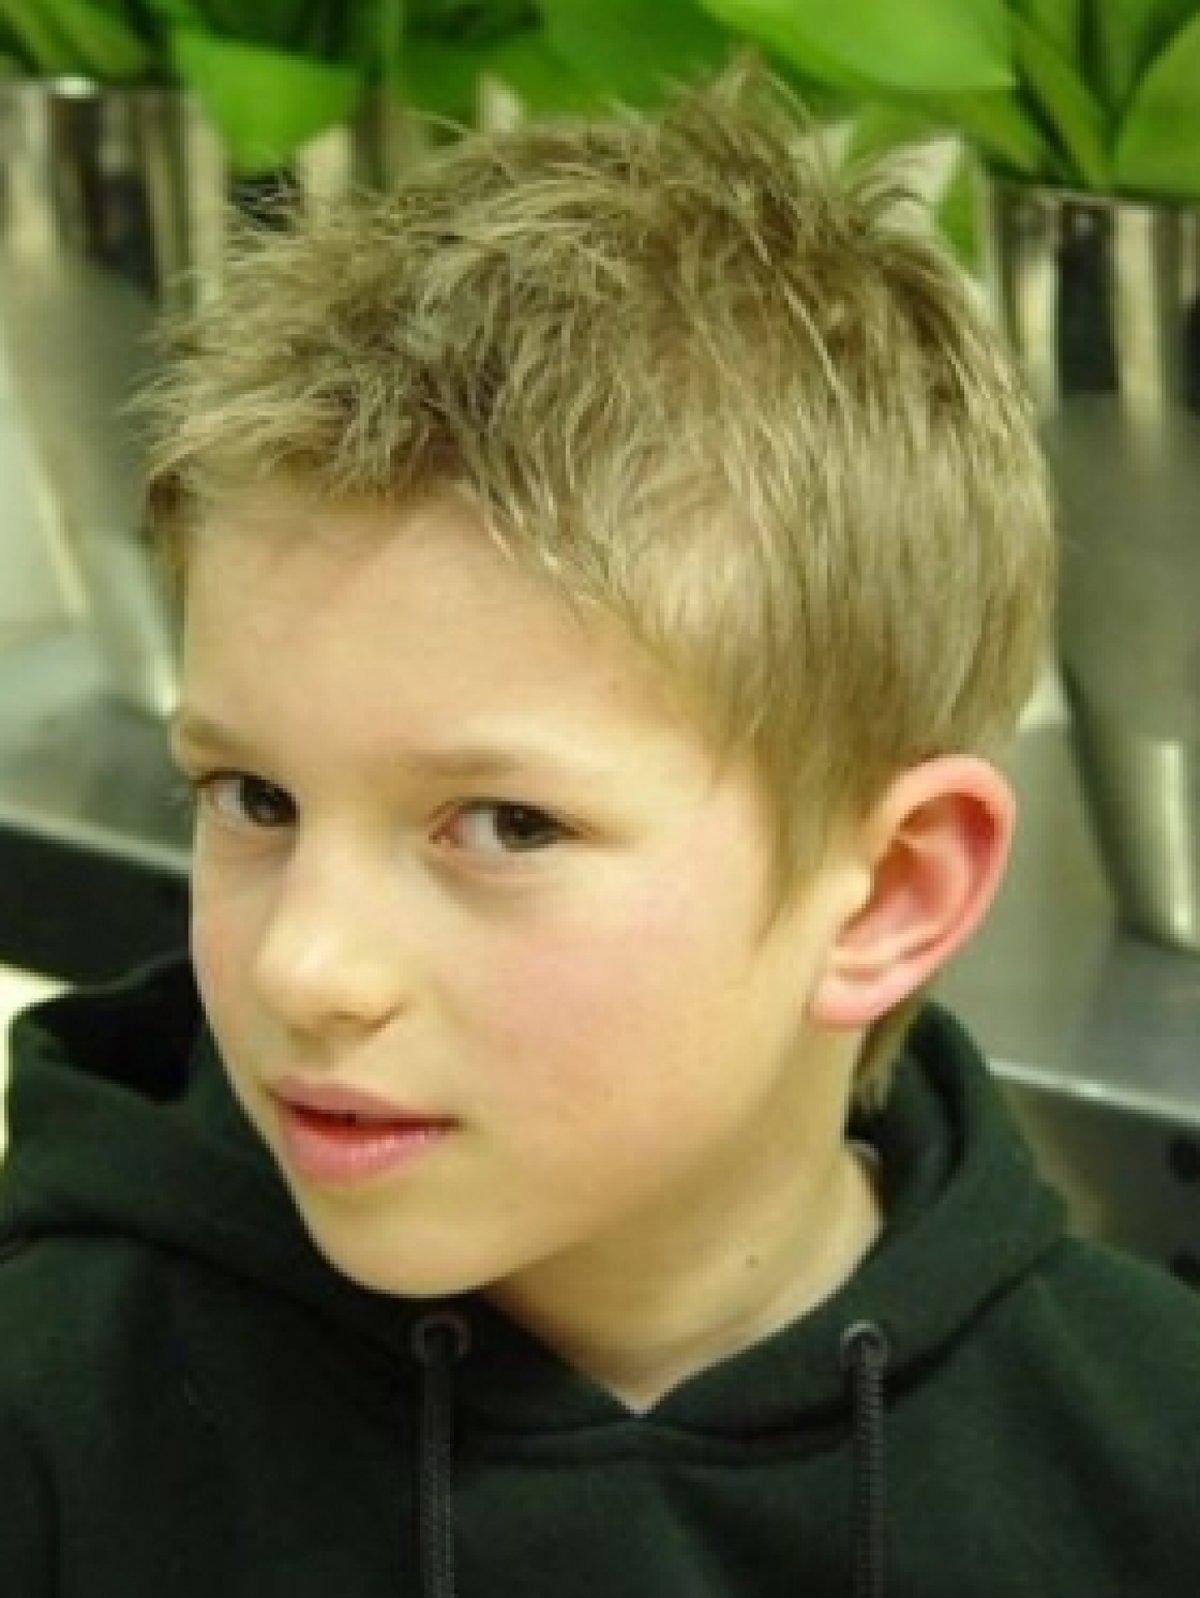 Причёски для мальчиков 13 лет фото на крупное лицо новинки